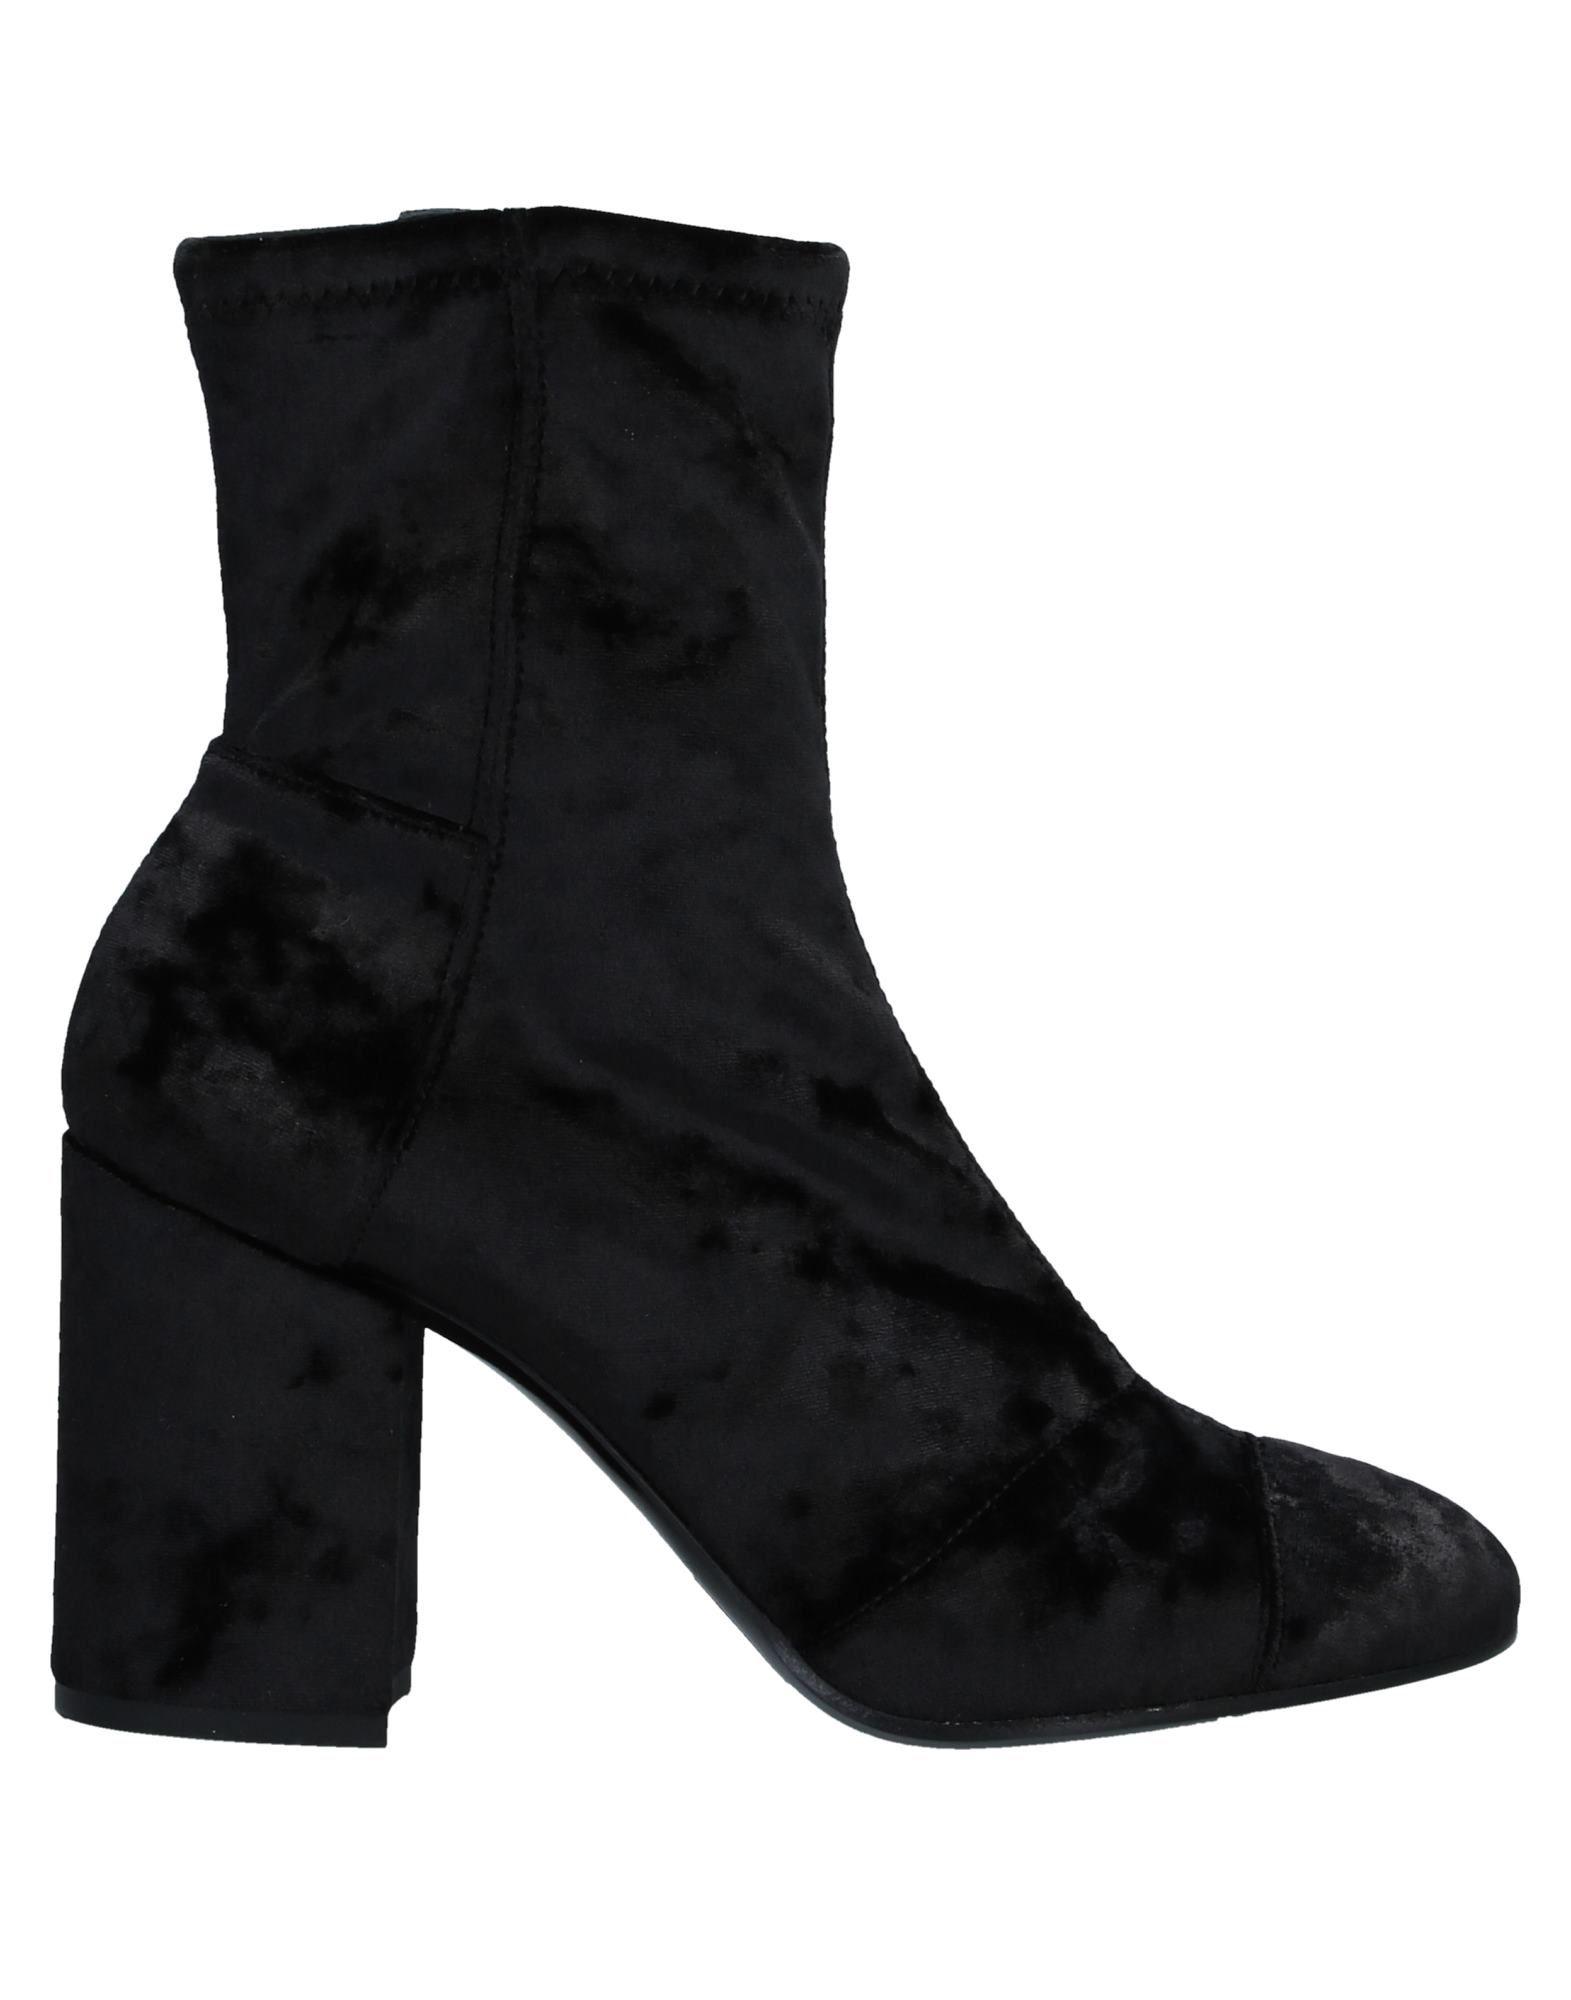 GREY MER Полусапоги и высокие ботинки marina grey полусапоги и высокие ботинки